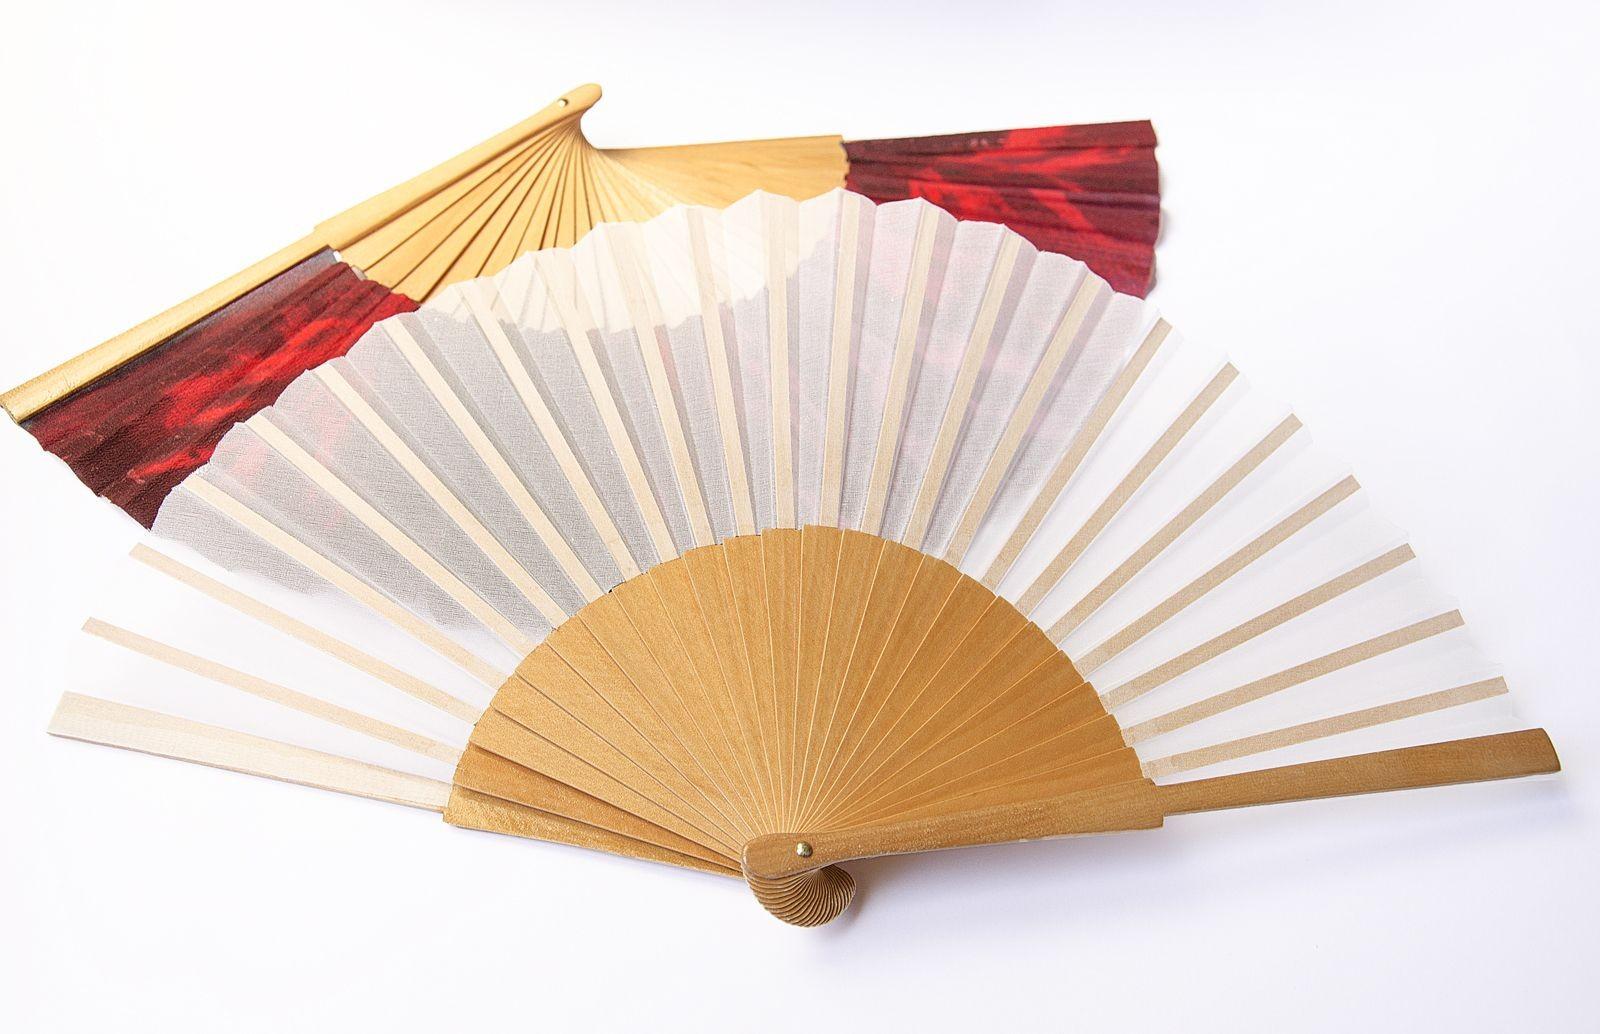 Éventail de soie en Organdi blanc et monture de bois de sycomore de 22cm de haut et 42cm de large. Monté en Espagne.